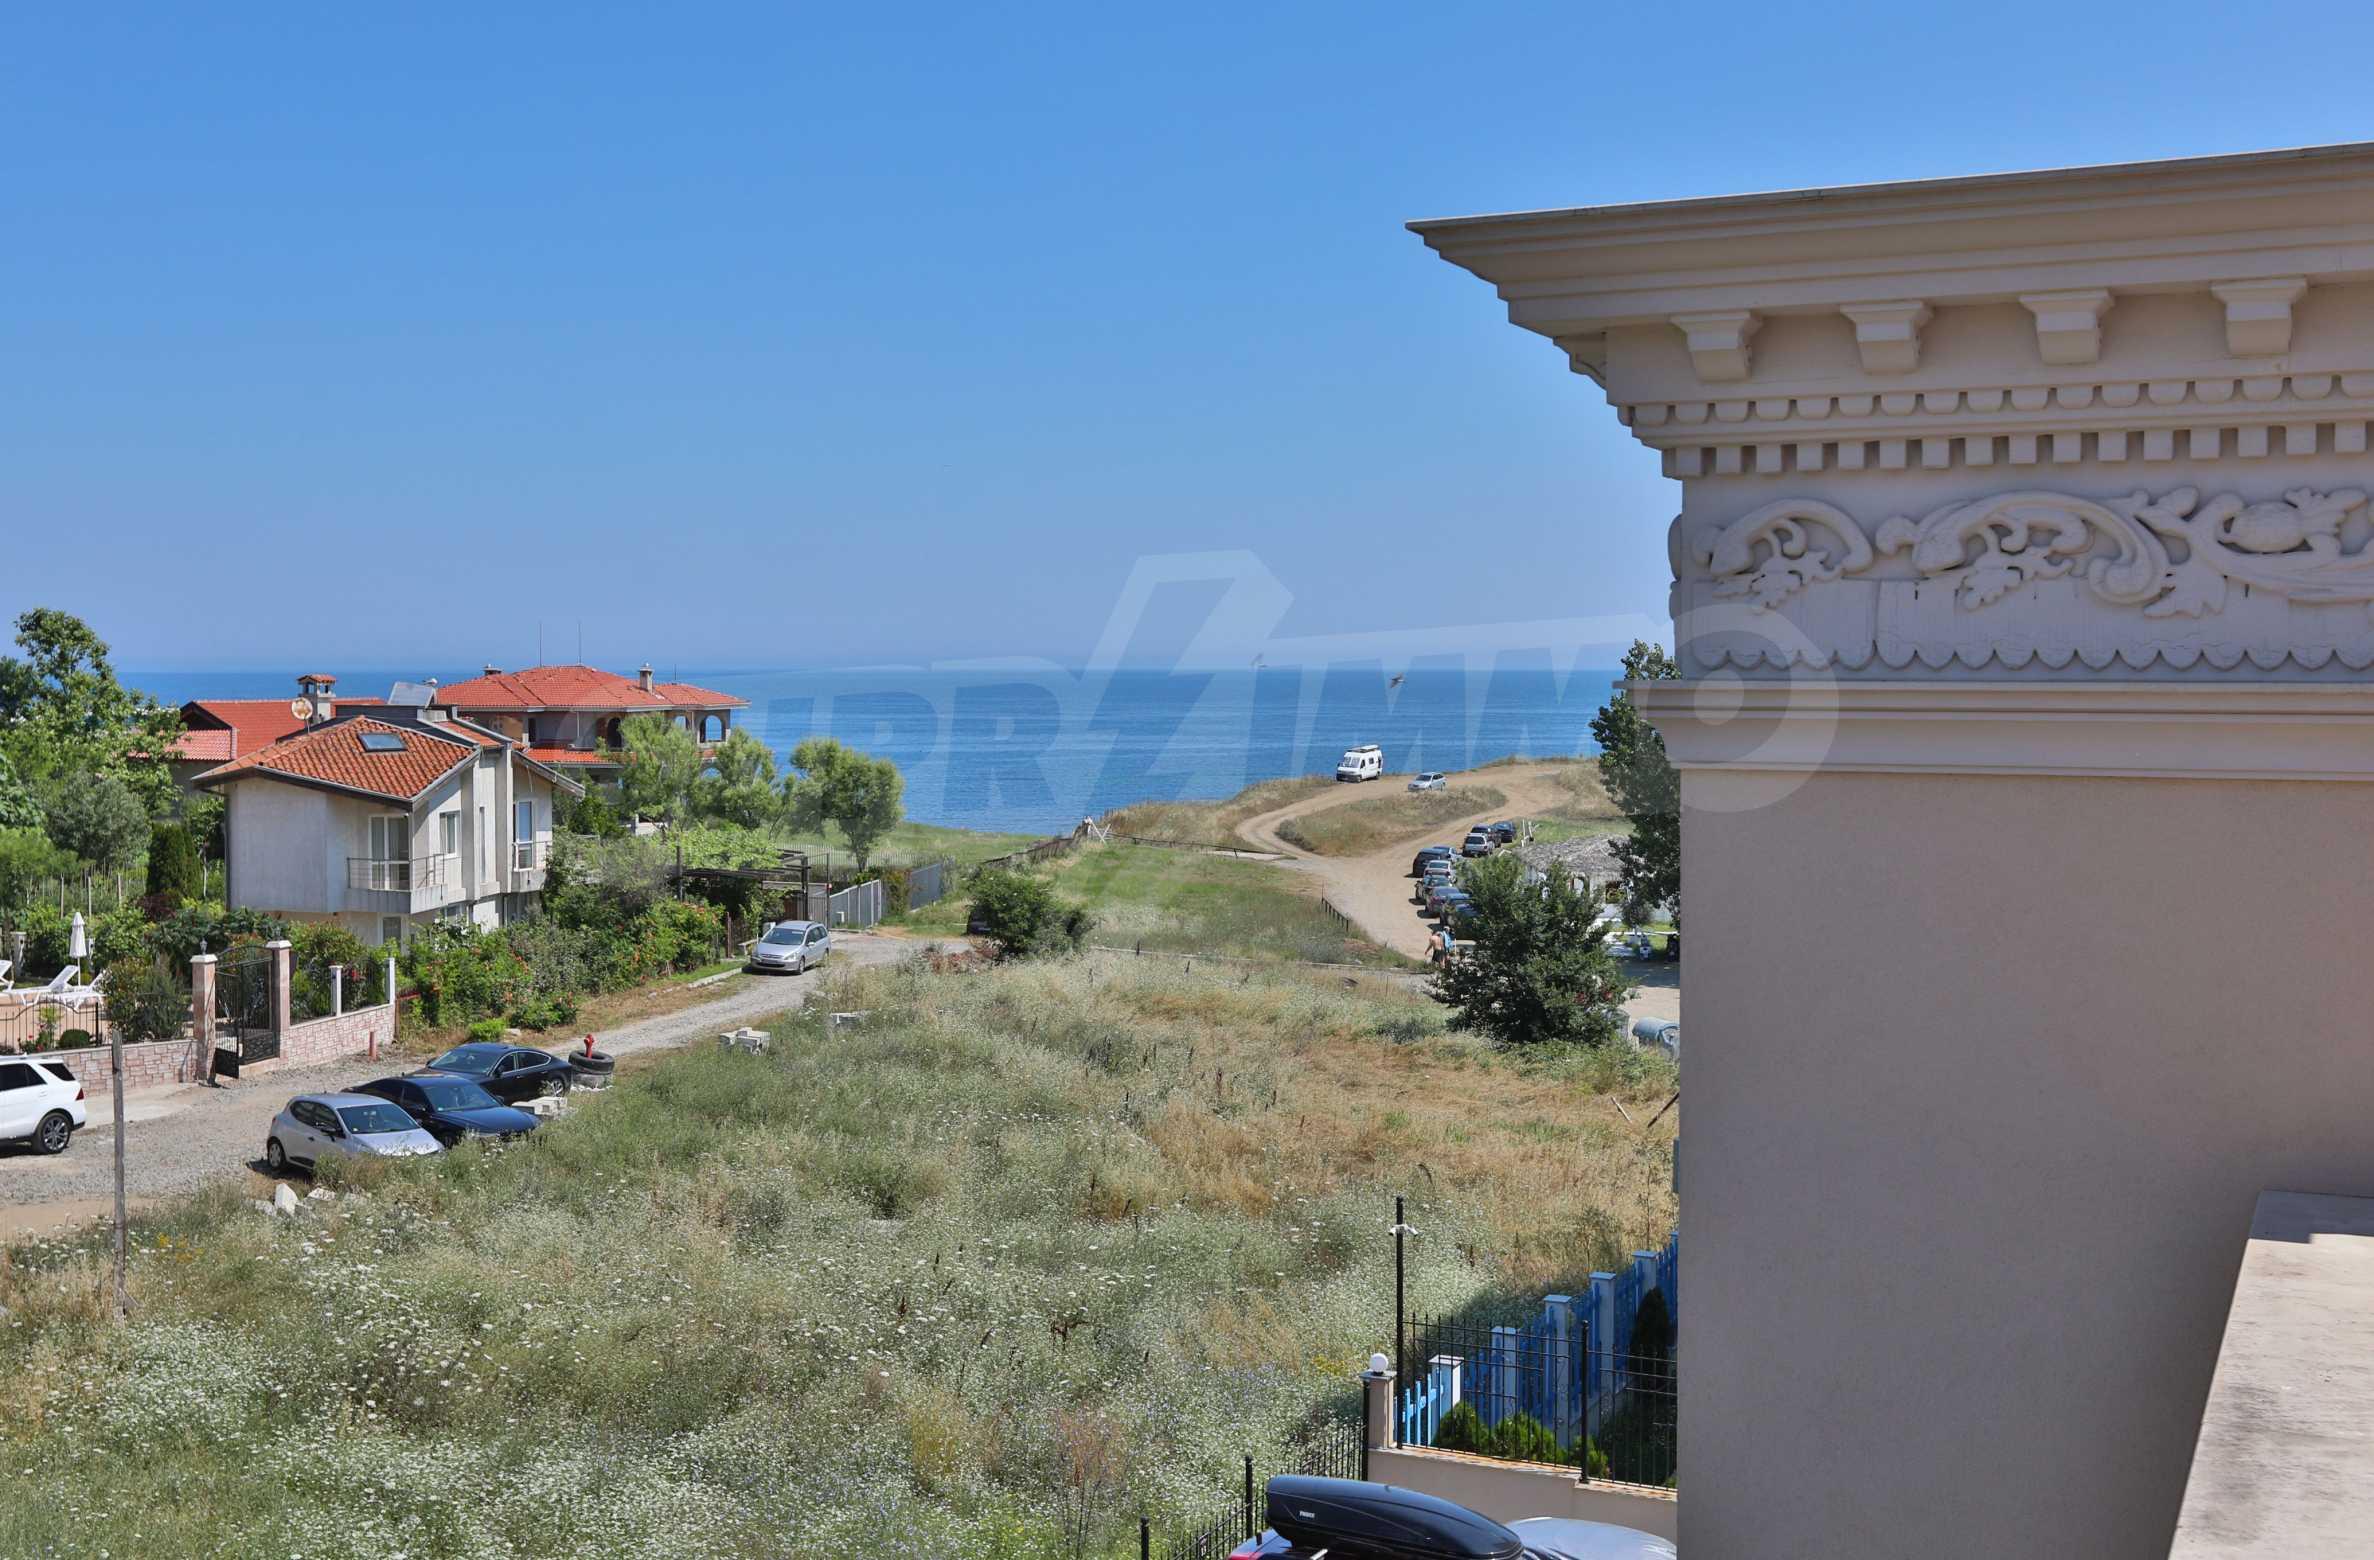 Двустаен апартамент в бутиковата резиденция до Централен плаж - Belle Époque (ап. №A 305) 20